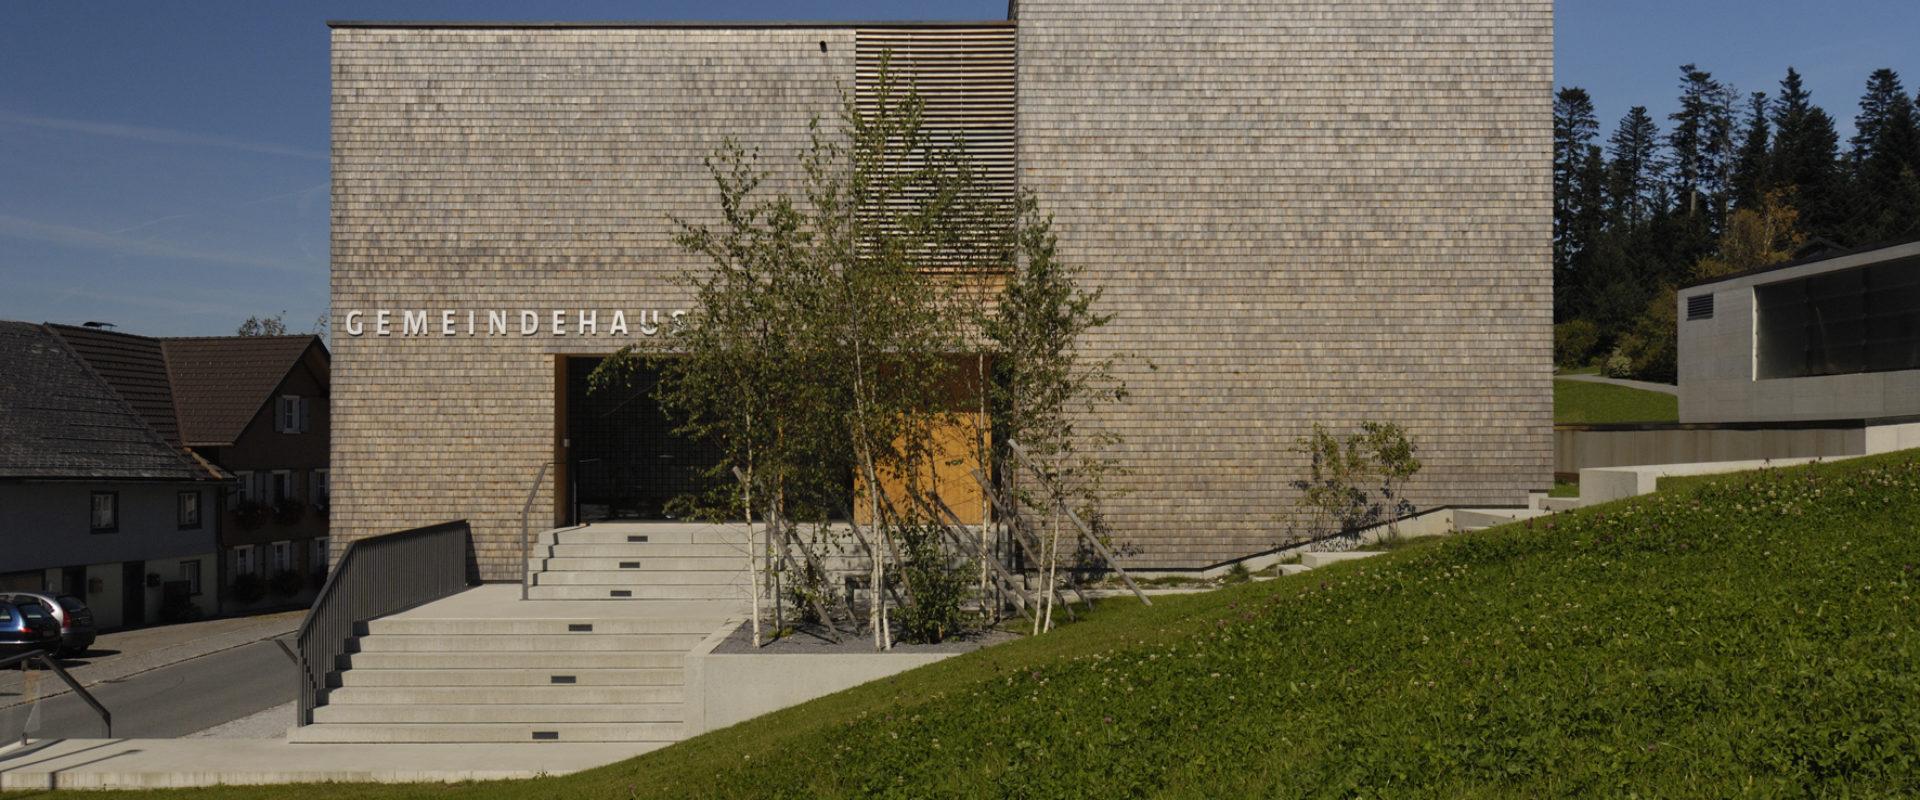 Gemeindehaus Sulzberg © Nina Baisch_Gemeinde Sulzberg